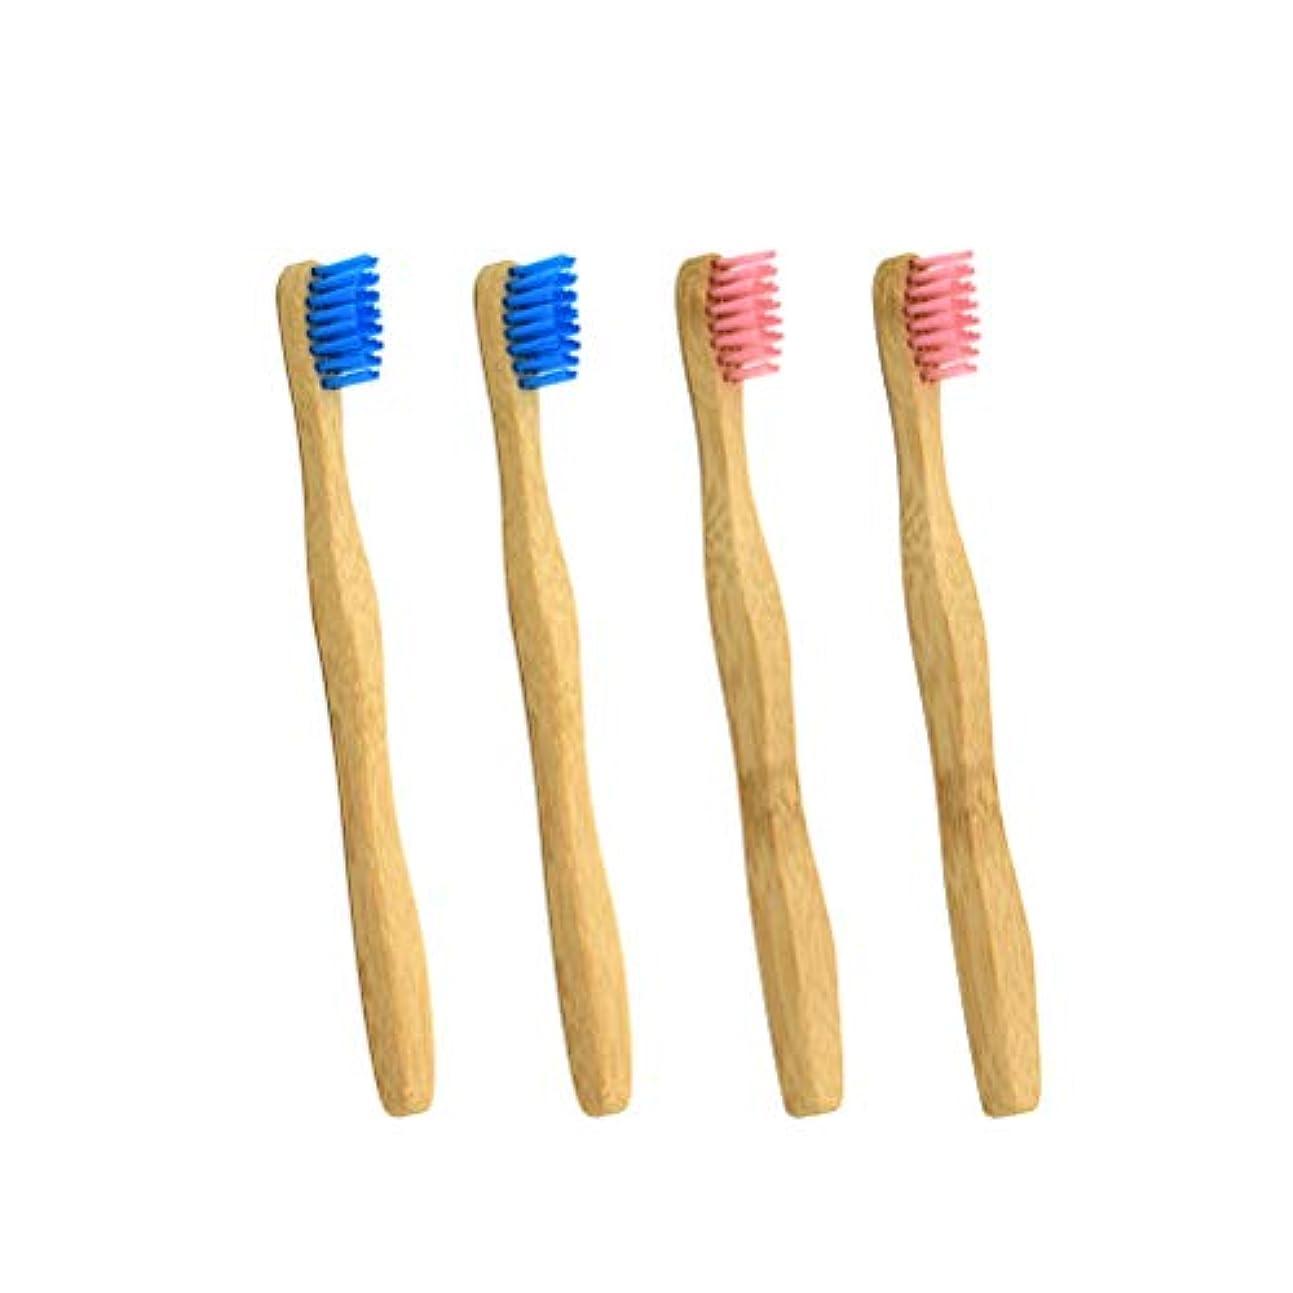 降雨導体面積Healifty 子供旅行のための竹の歯ブラシの木炭剛毛使い捨てのナイロン歯ブラシ(ピンクとピンク各2本)